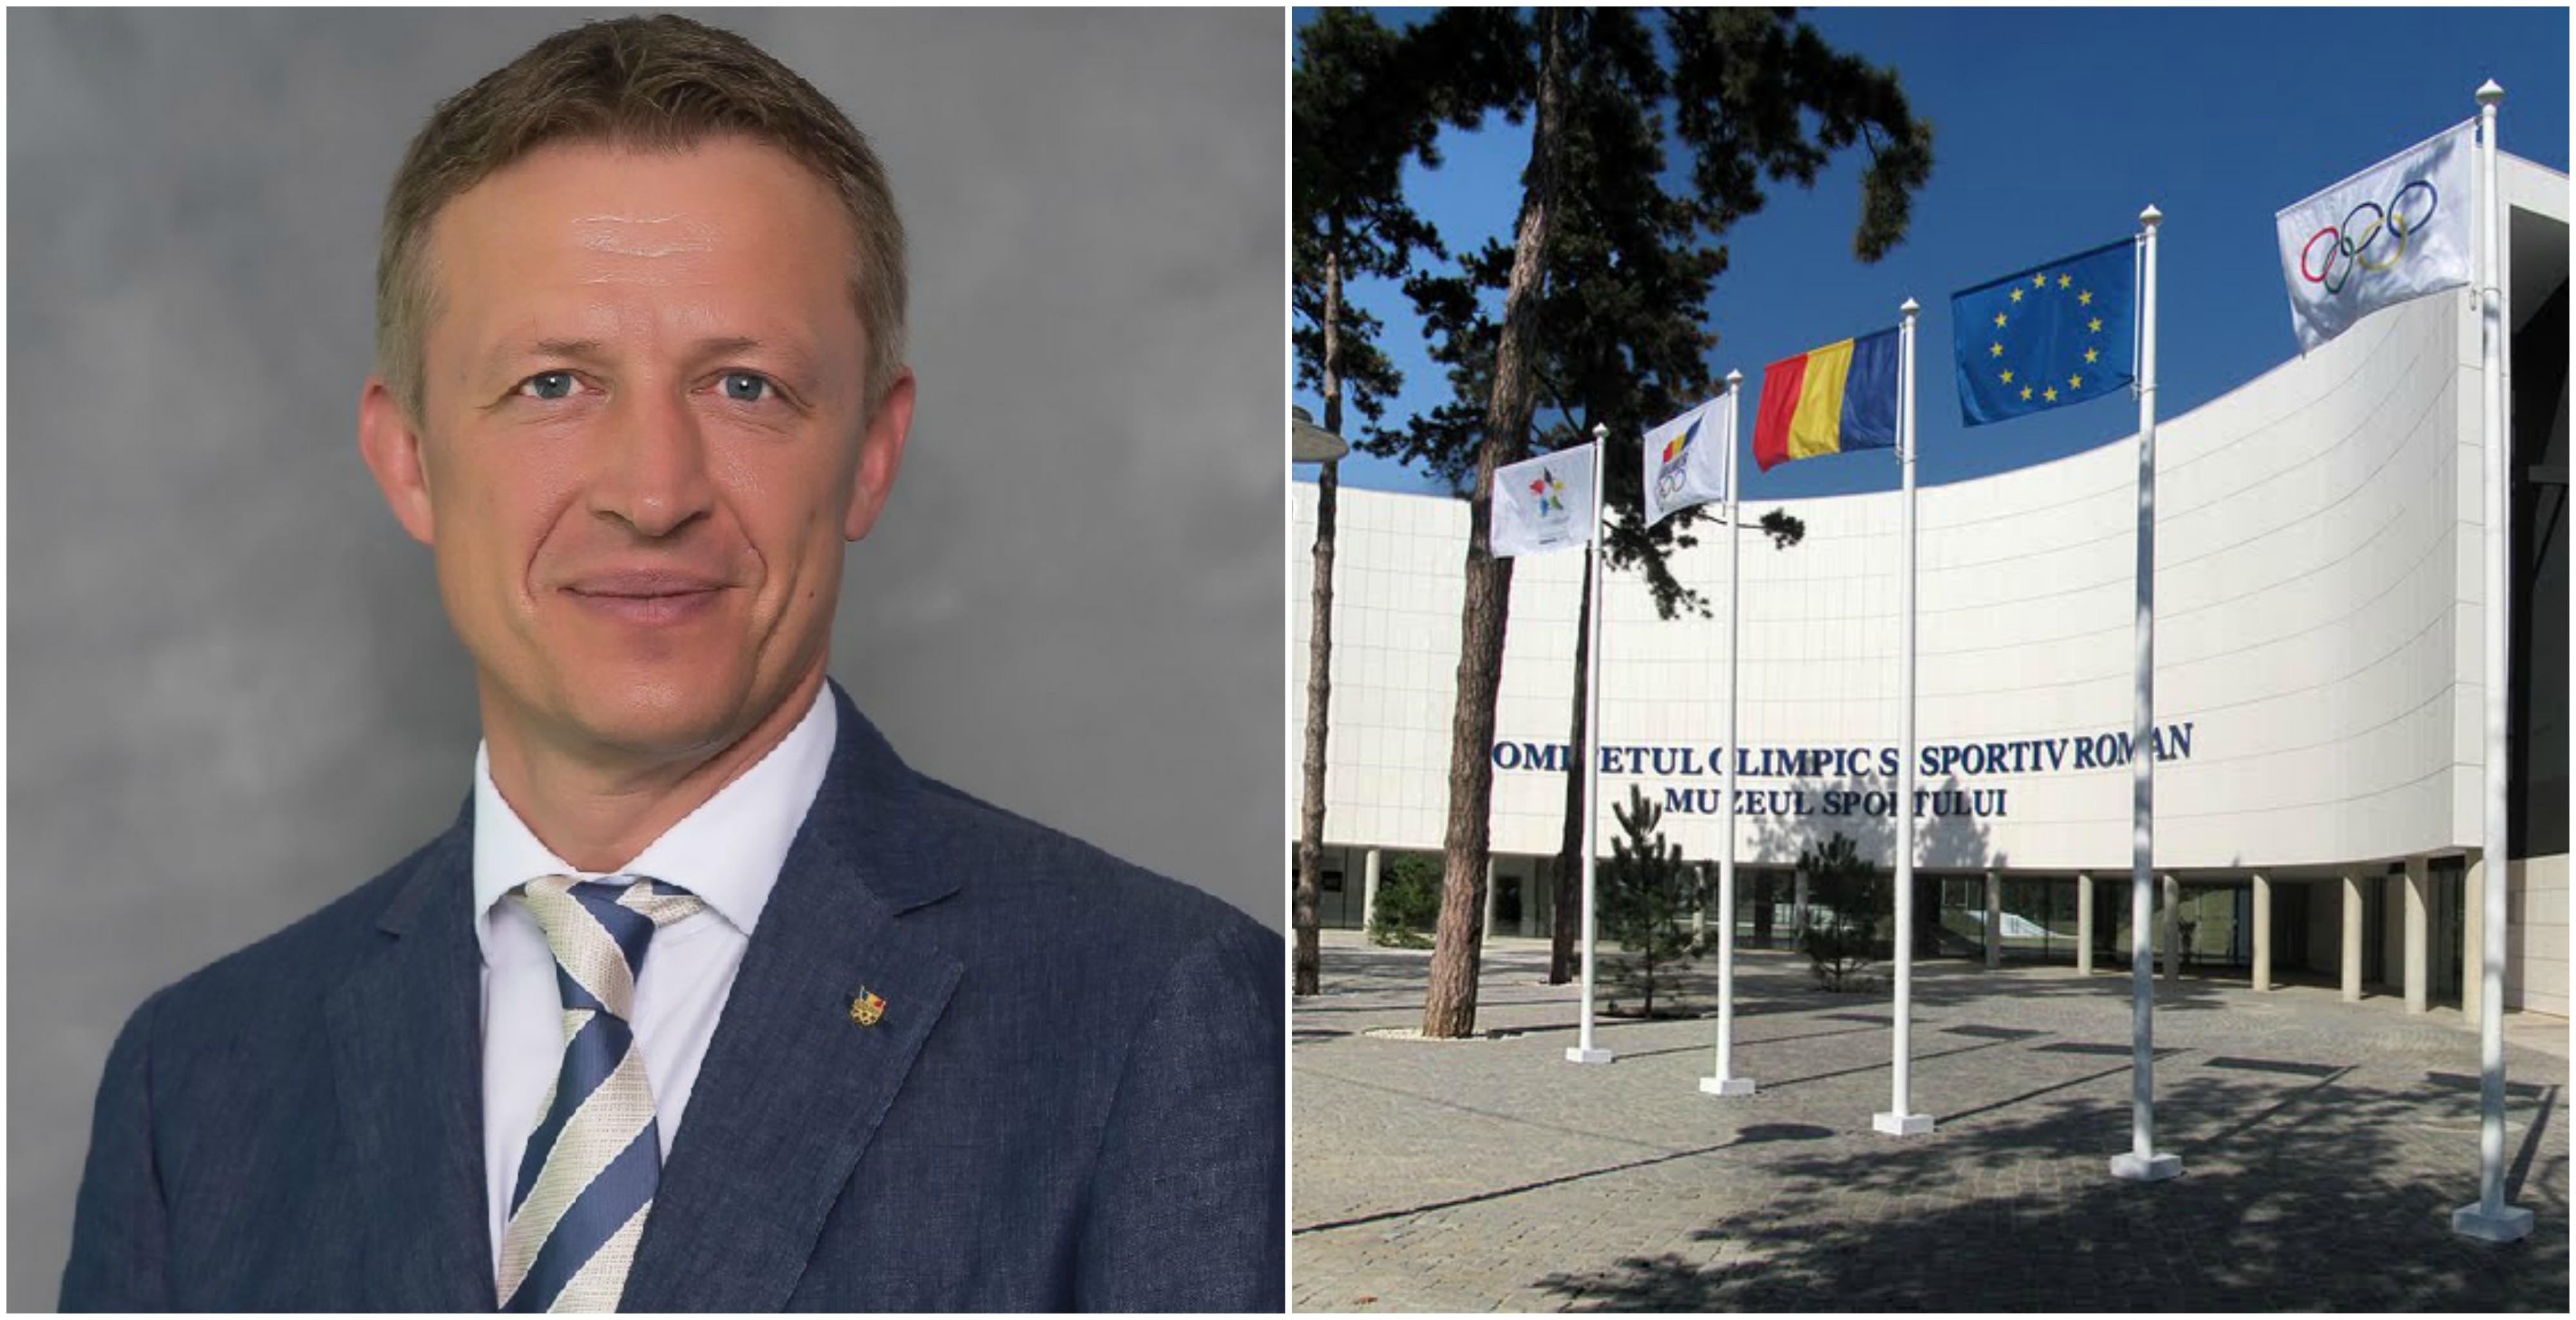 Fostul președinte COSR Octavian Morariu, astăzi membru al CIO, și sediul forului din nordul Bucureștiului